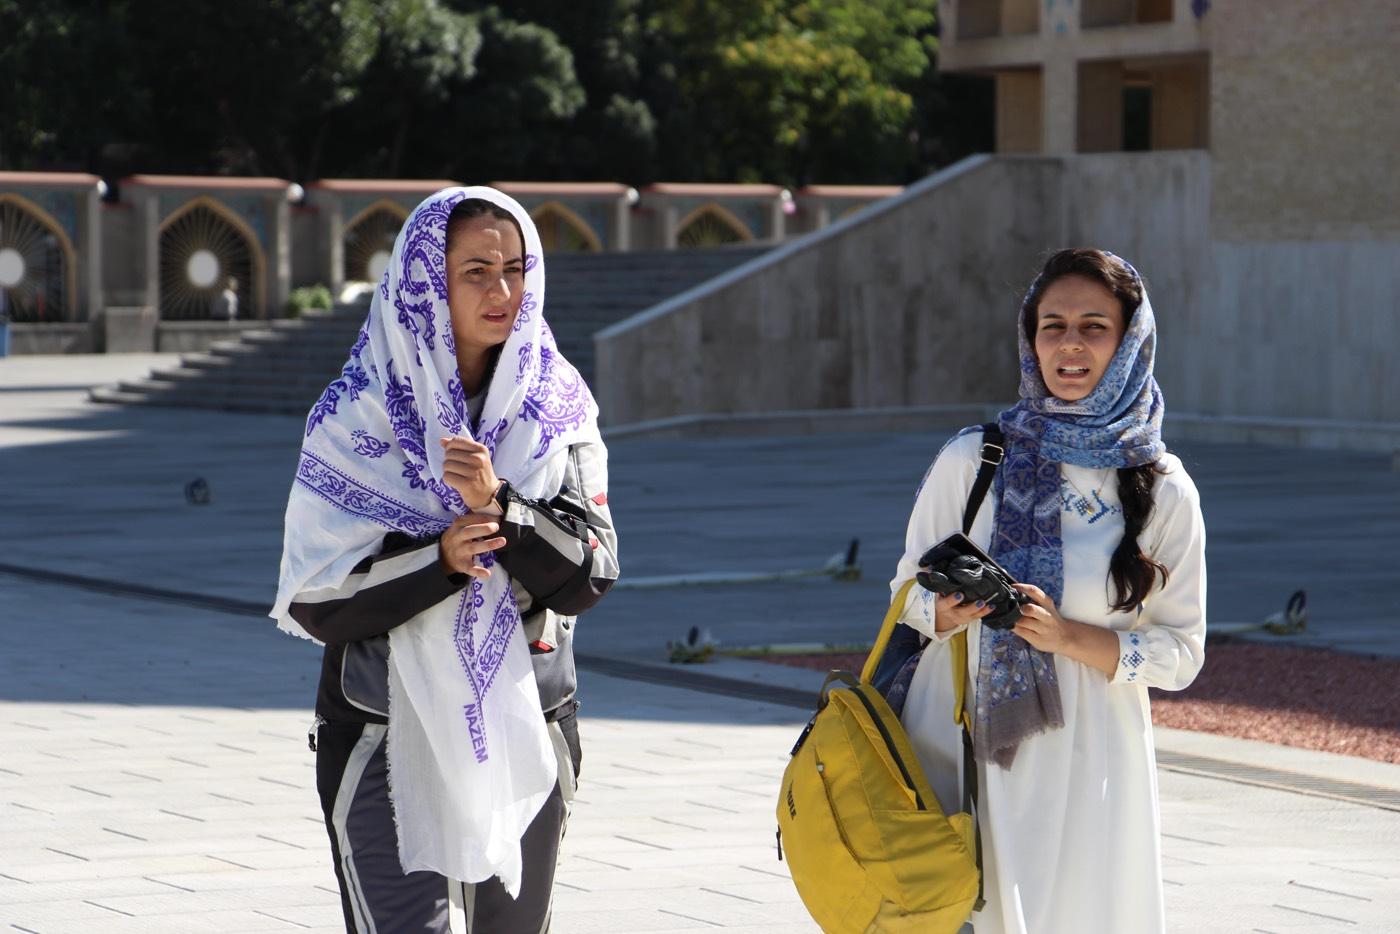 asil_iranda_asil özbay-iran da_3Tek başına motosikletle İran'ı gezdi